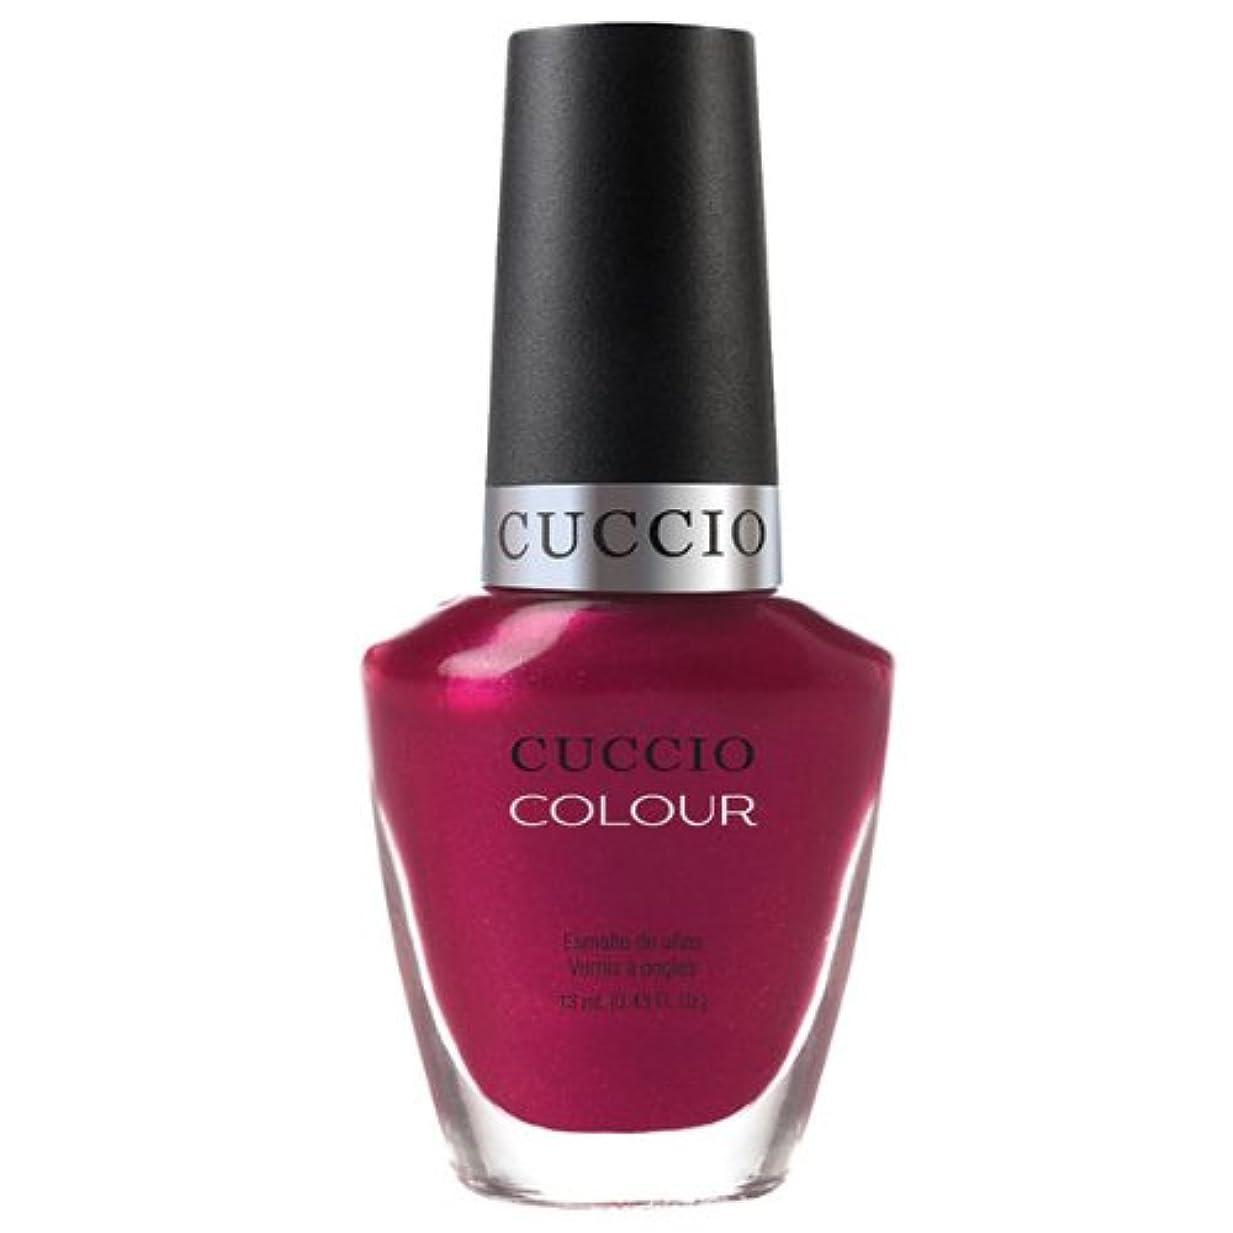 ショッピングセンター汚れる首Cuccio Colour Gloss Lacquer - Call in Calgary - 0.43oz / 13ml